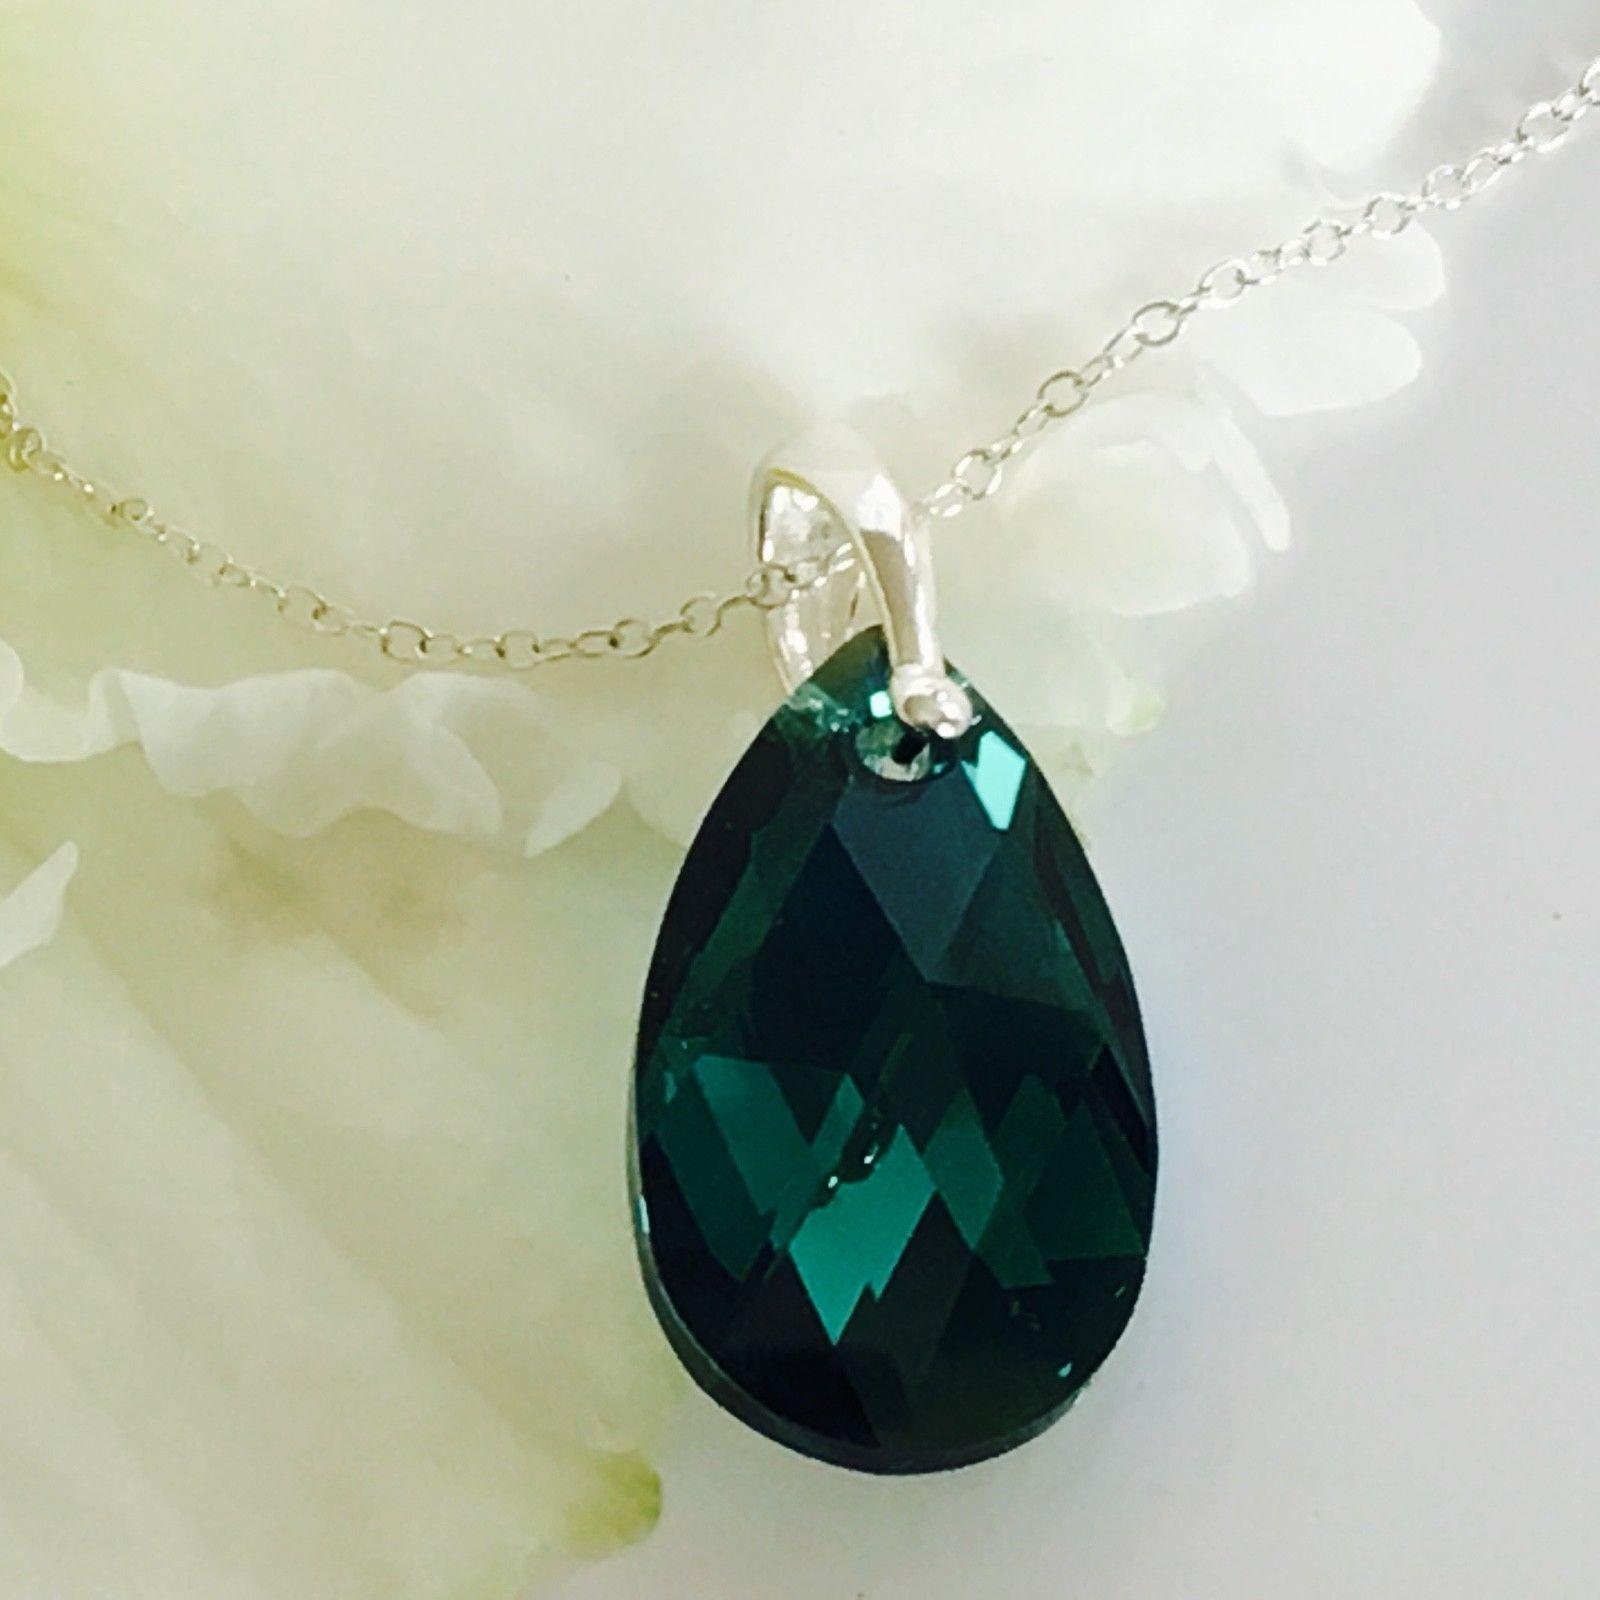 6b73db7f7 Swarovski Elements Emerald AB Pendant | Crystal Elegance